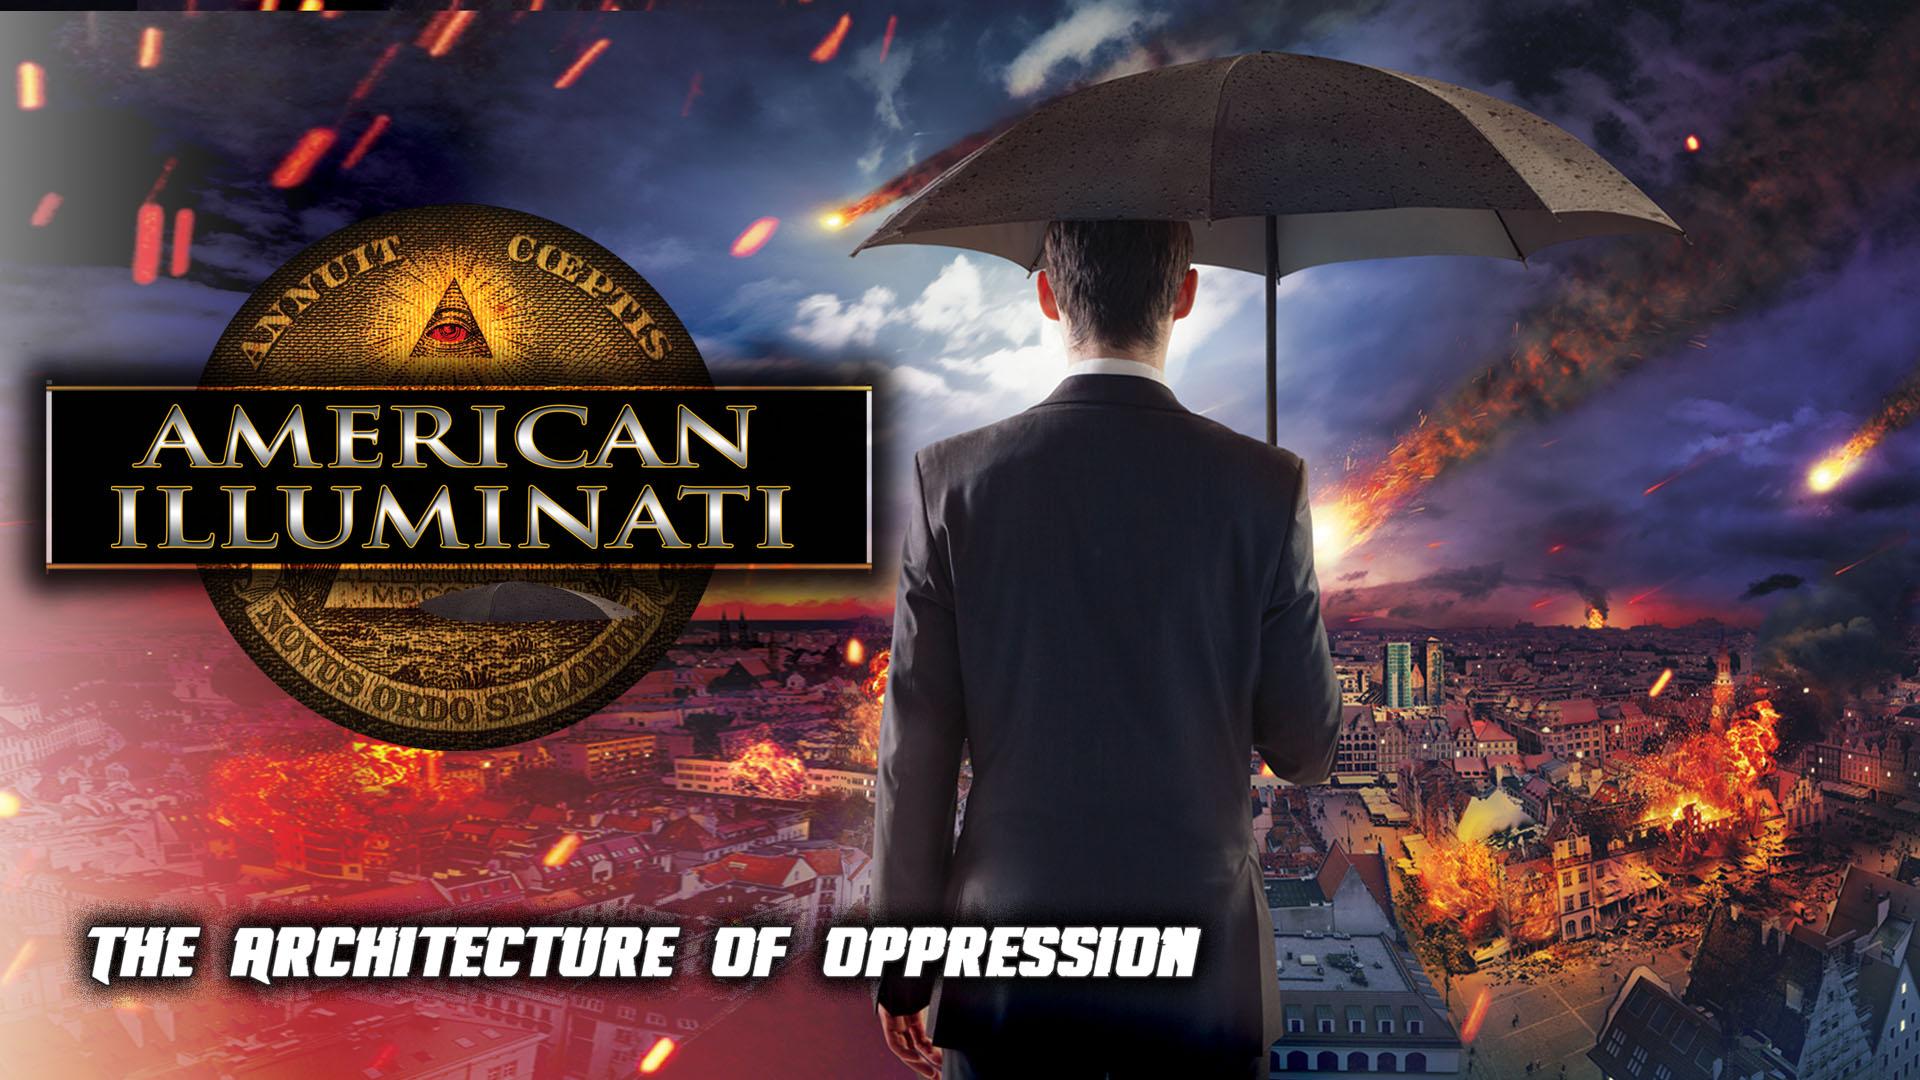 American Illuminati: The Architecture of Oppression